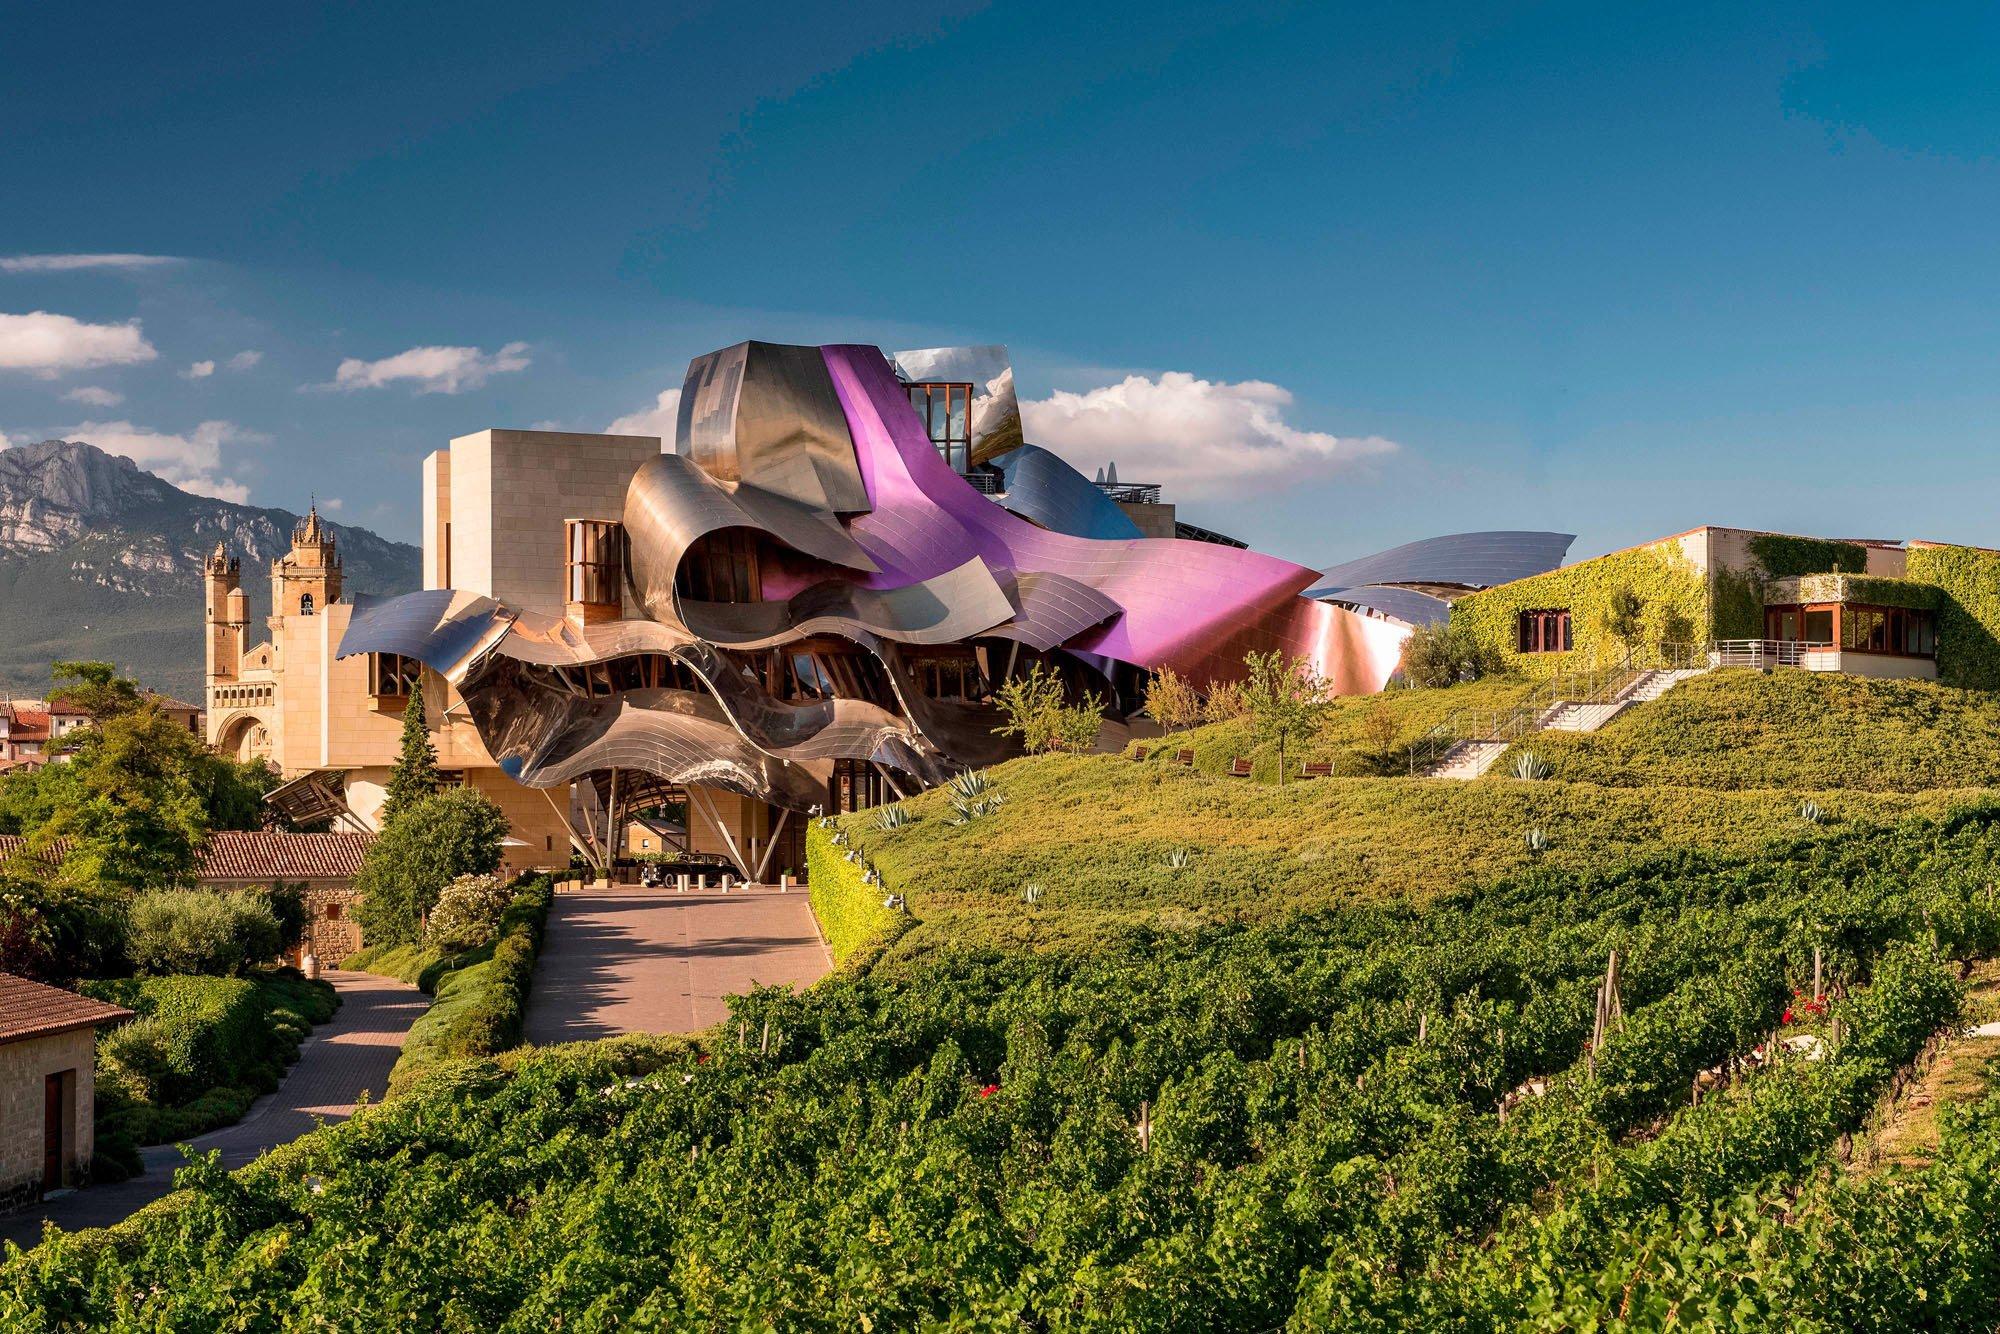 HOTEL MARQUÈS DE RISCAL: Der Gehry-Bau schmiegt sich in die Weinberge von Marqués de Riscal in der Rioja-Region.Foto:Marqués de Riscal